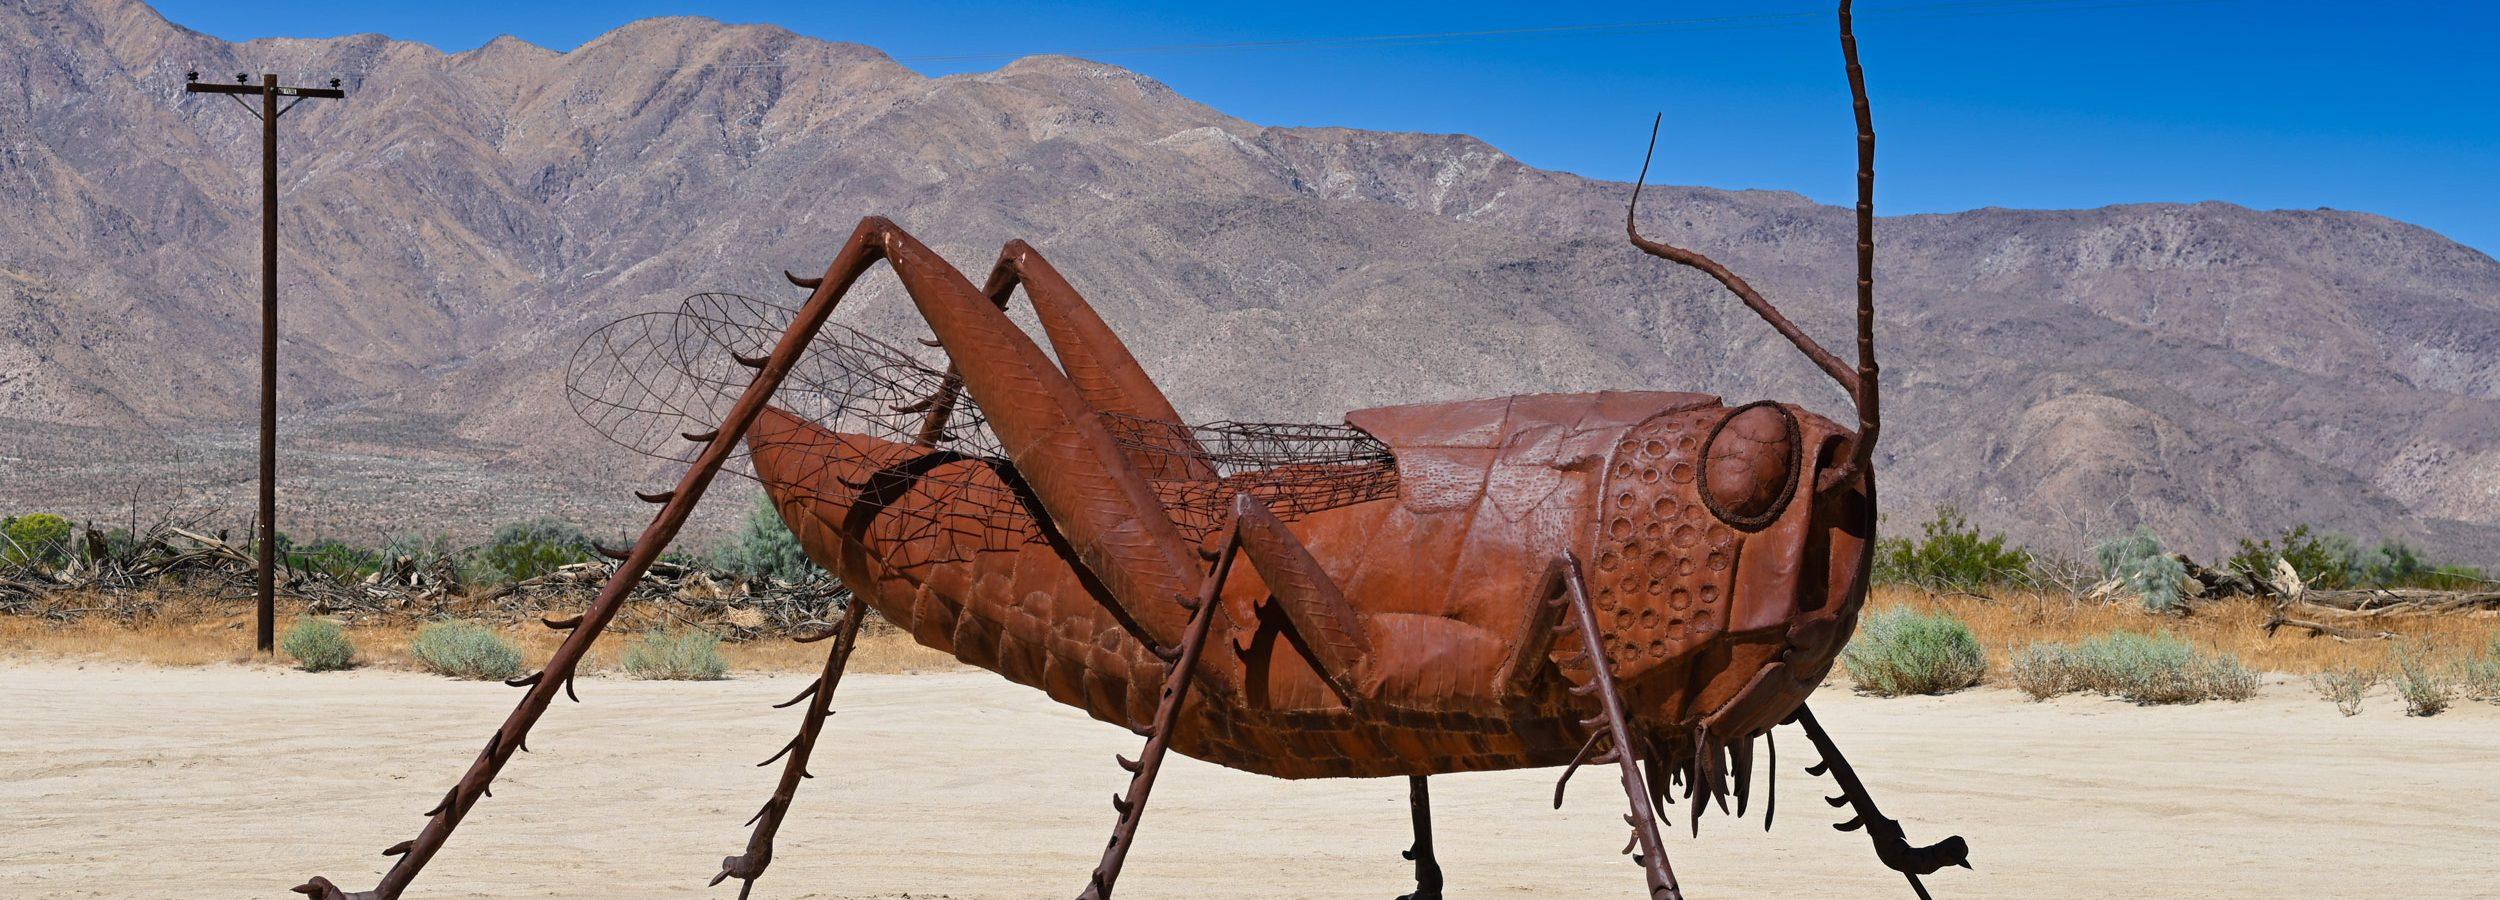 Wielki świerszcz, Borrego Springs, Kalifornia